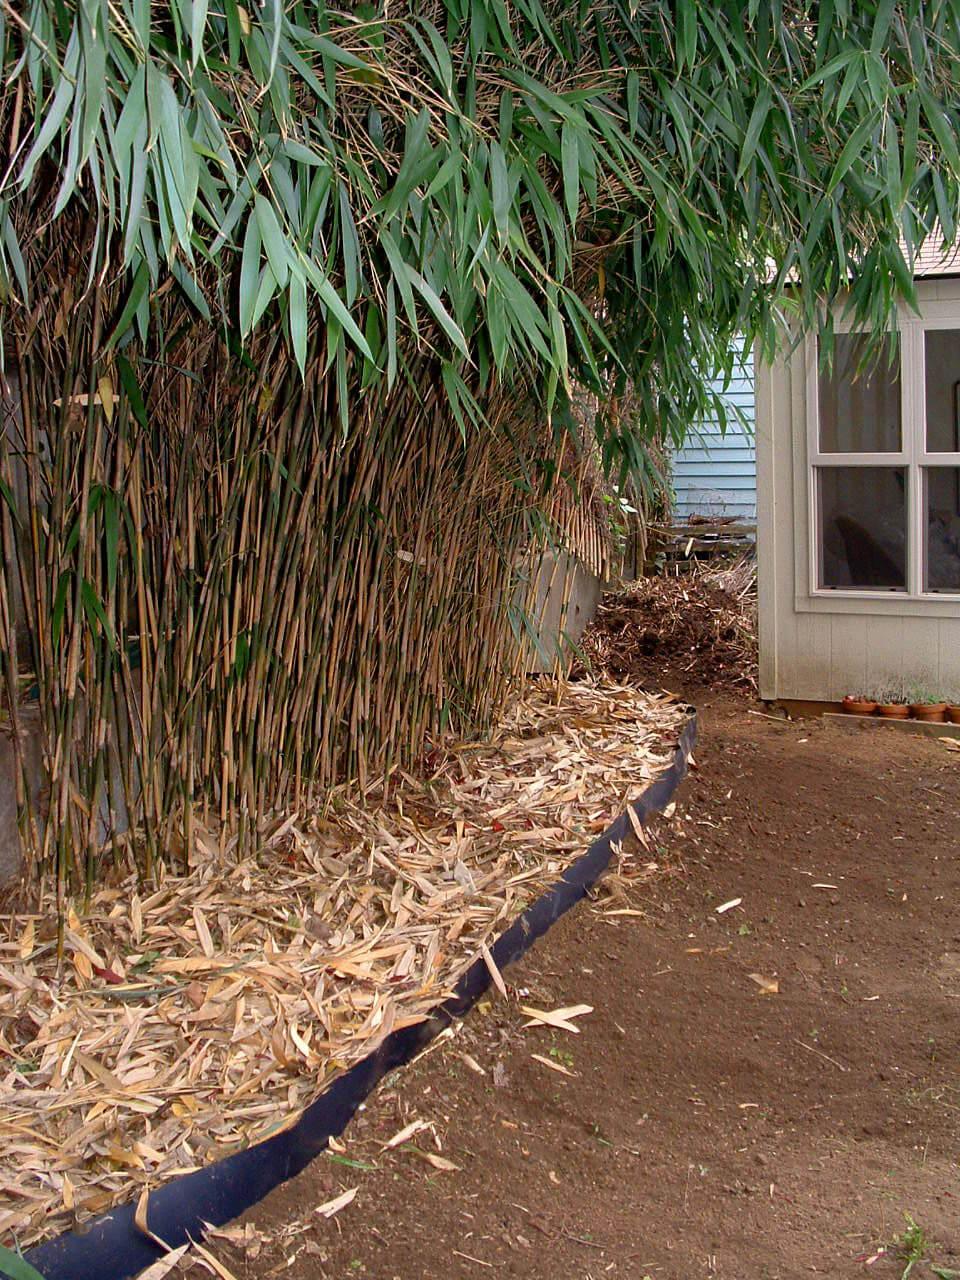 Comment installer une barrière à rhizome pour contrôler des bambous